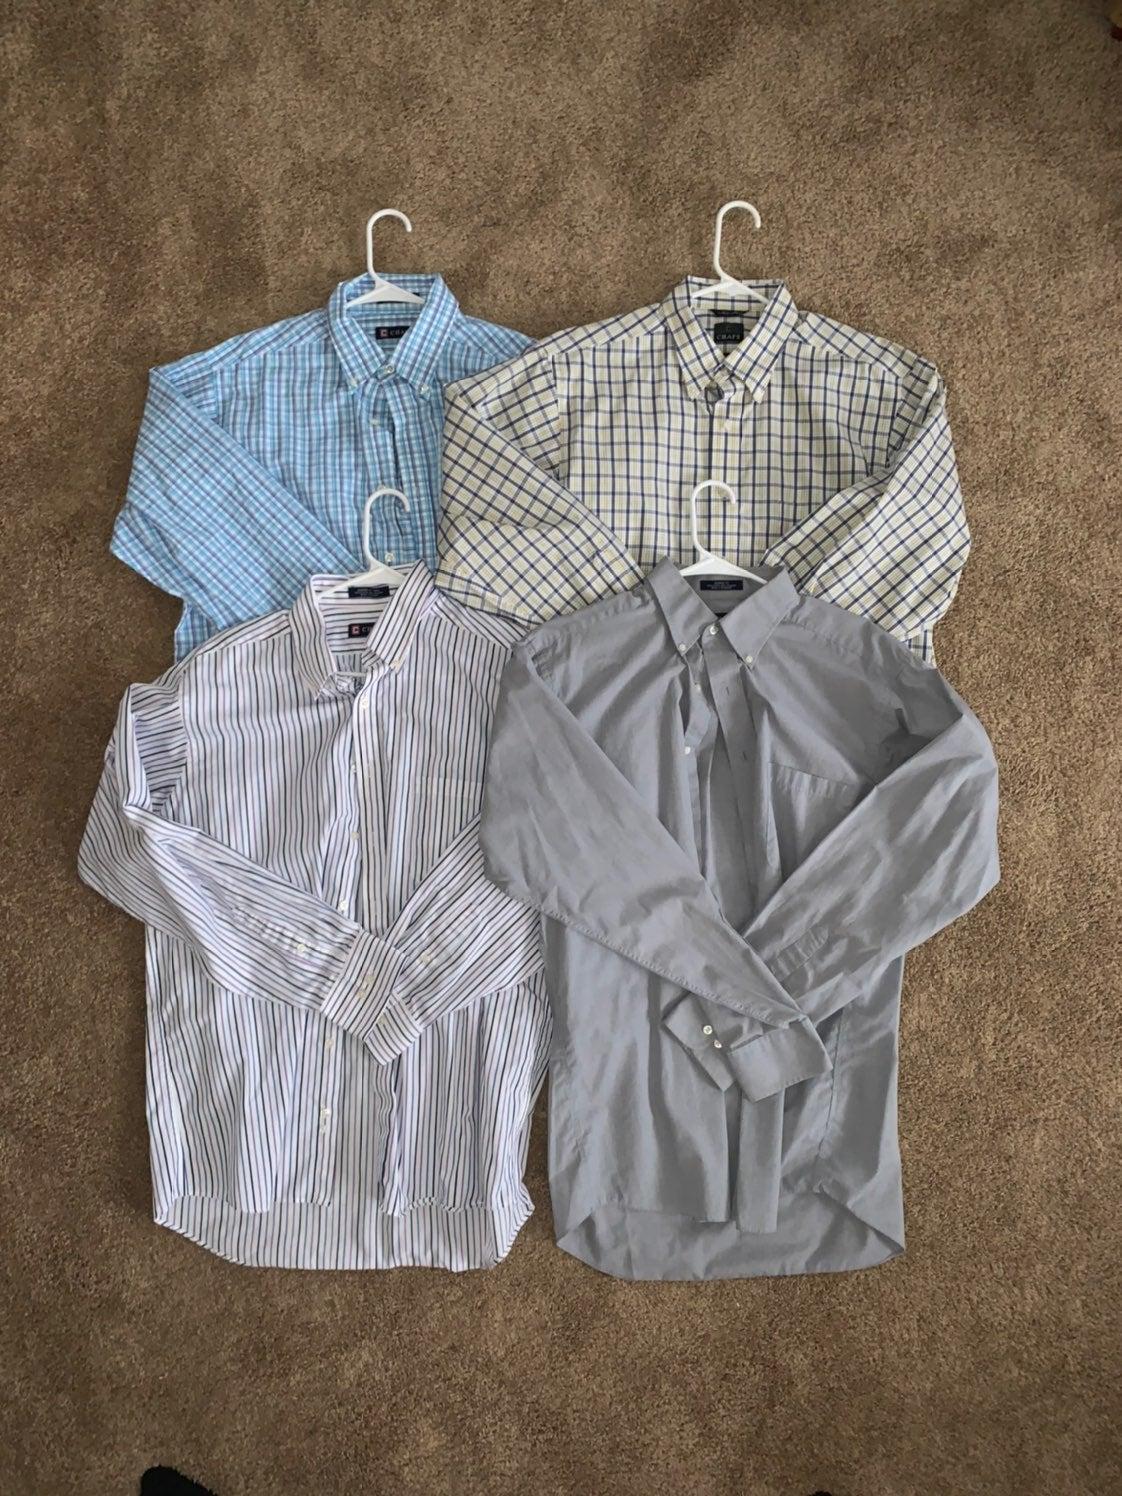 4 Chaps Dress Shirts 16-16.5 34/35